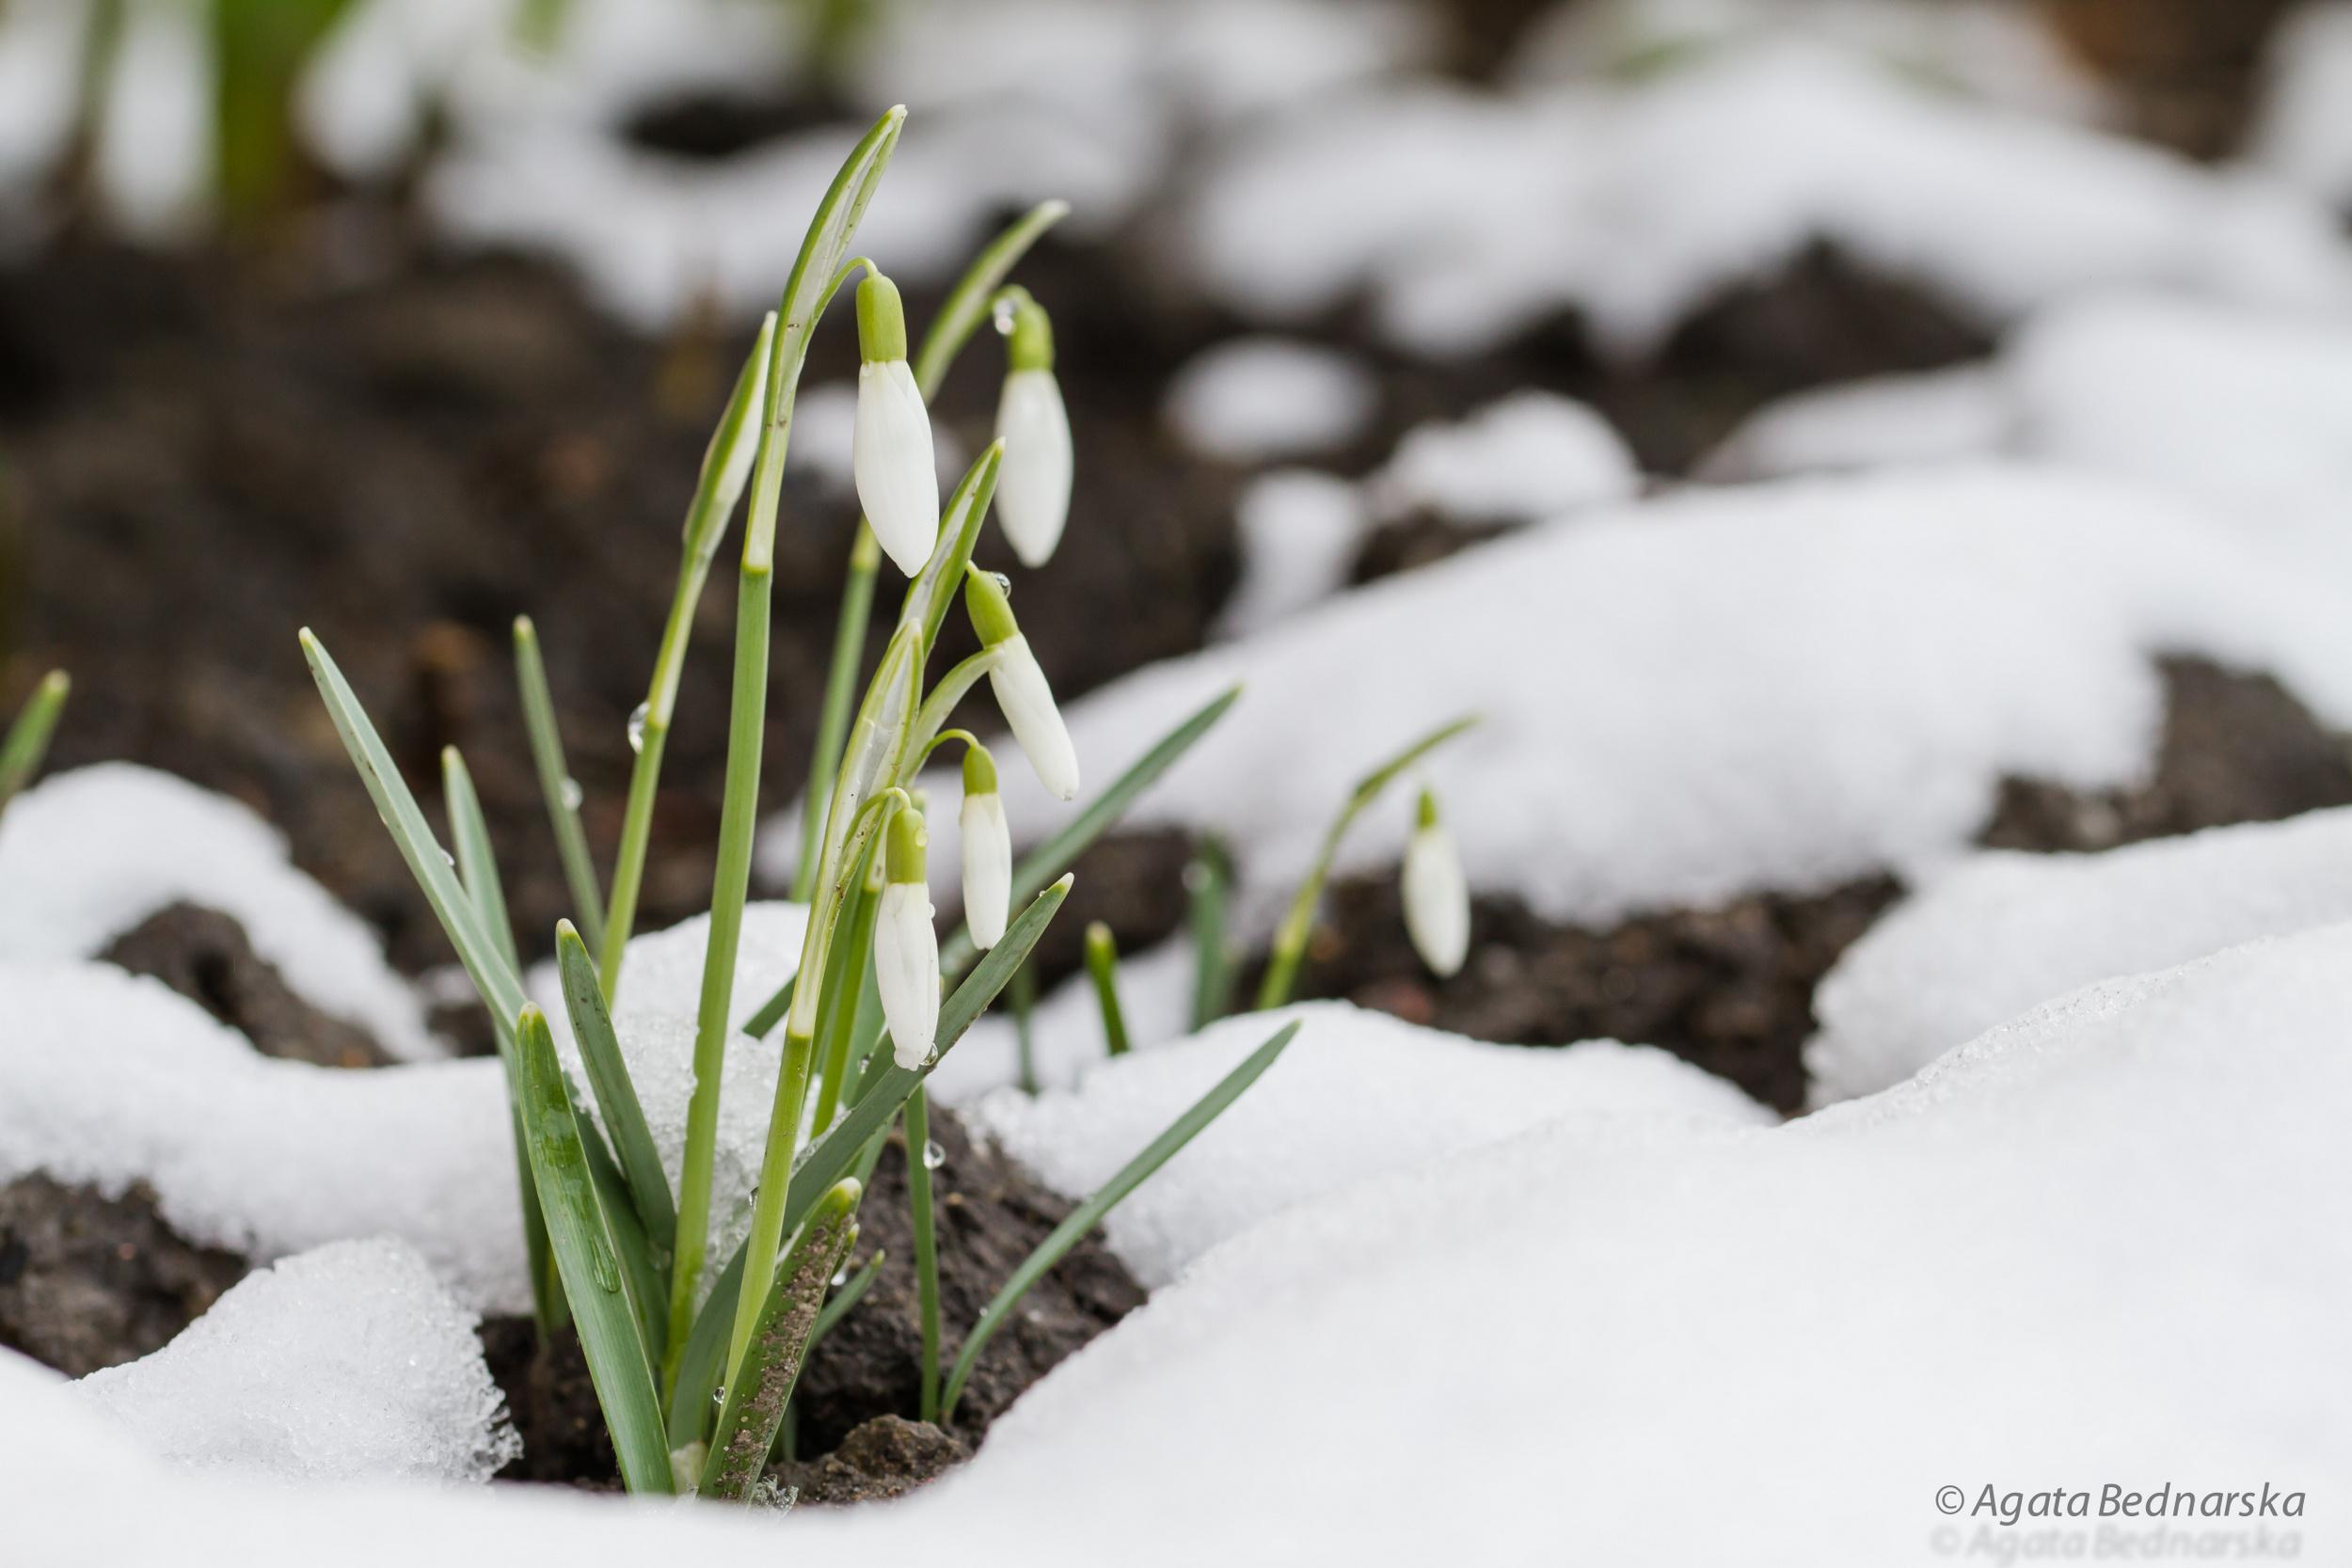 Początek przedwiośnia - śnieżyczka przebiśnieg, fotografia Agata Bednarska